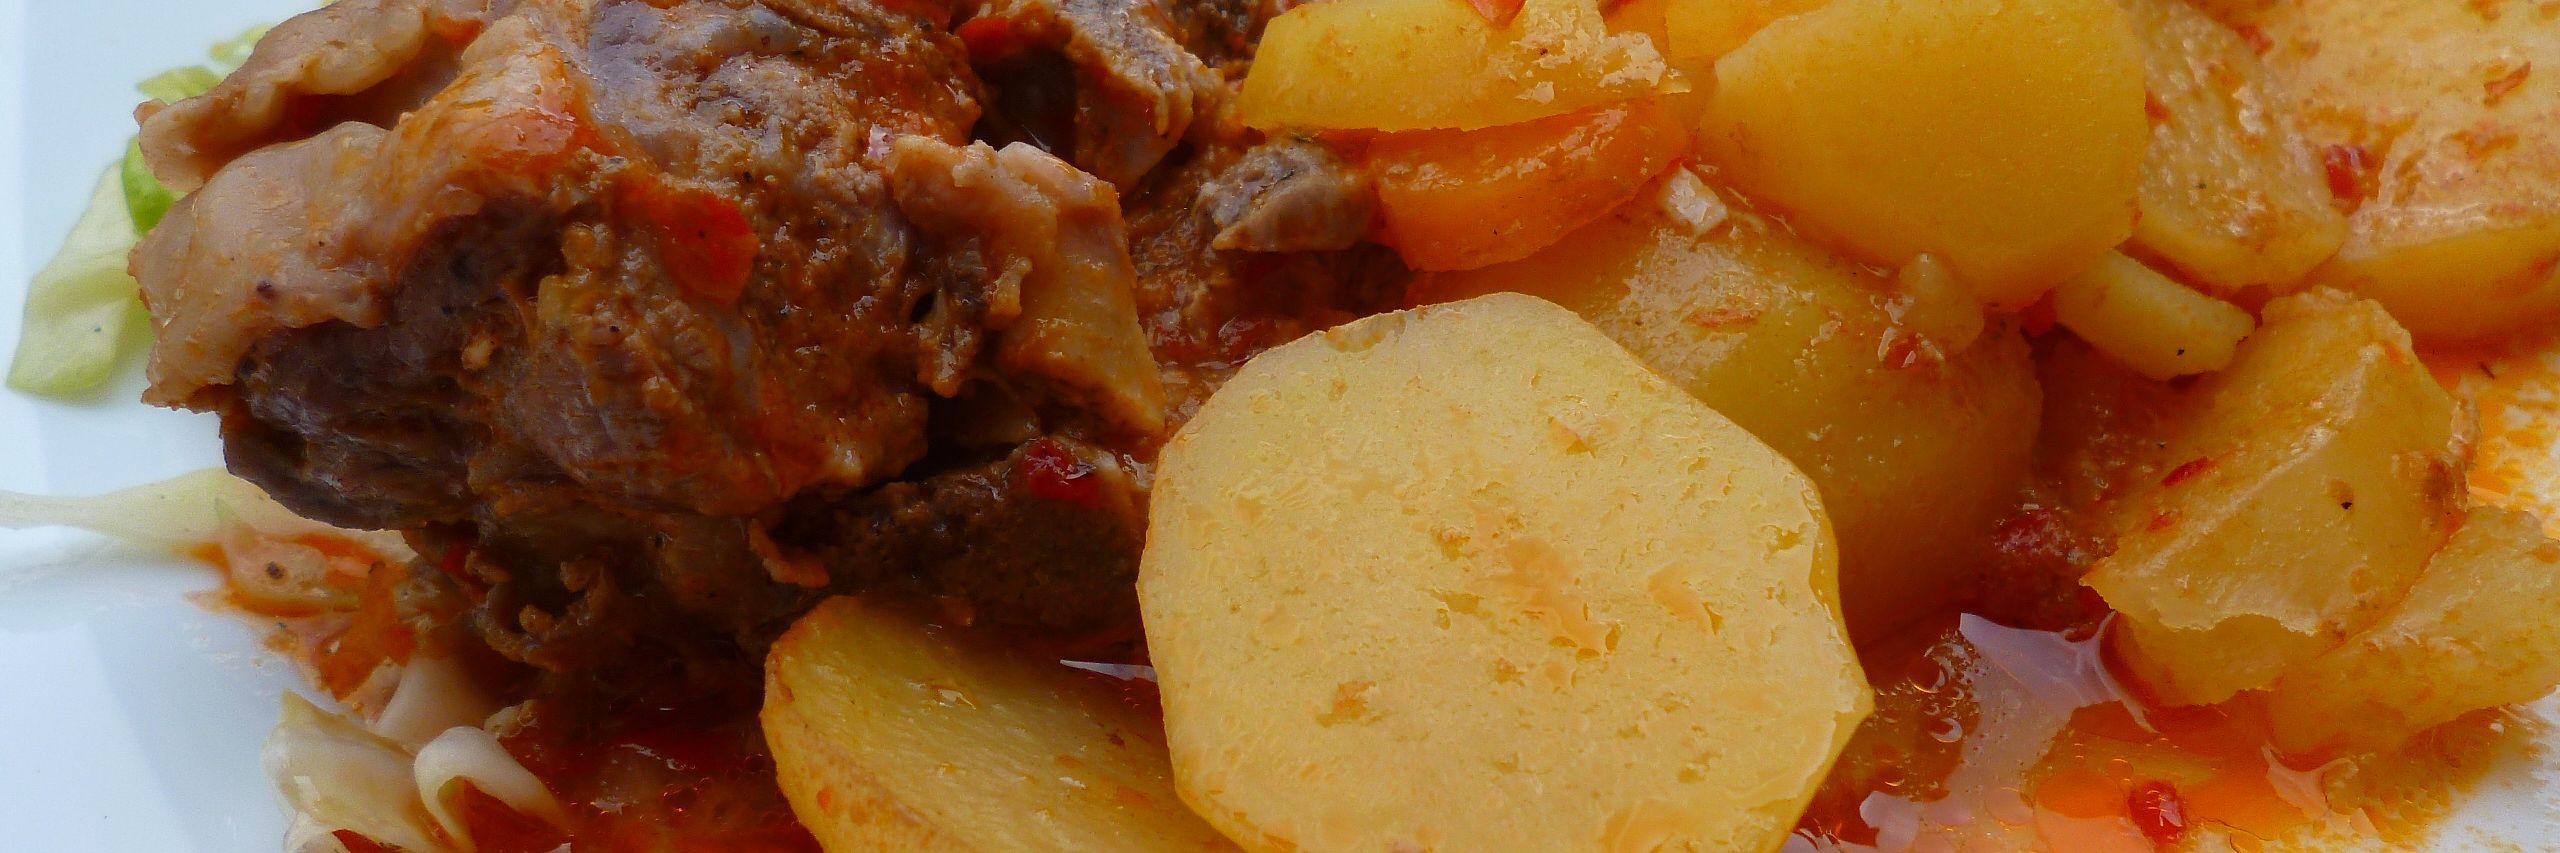 Сач (блюдо балканской кухни). Фото: Елена Арсениевич, CC BY-SA 3.0